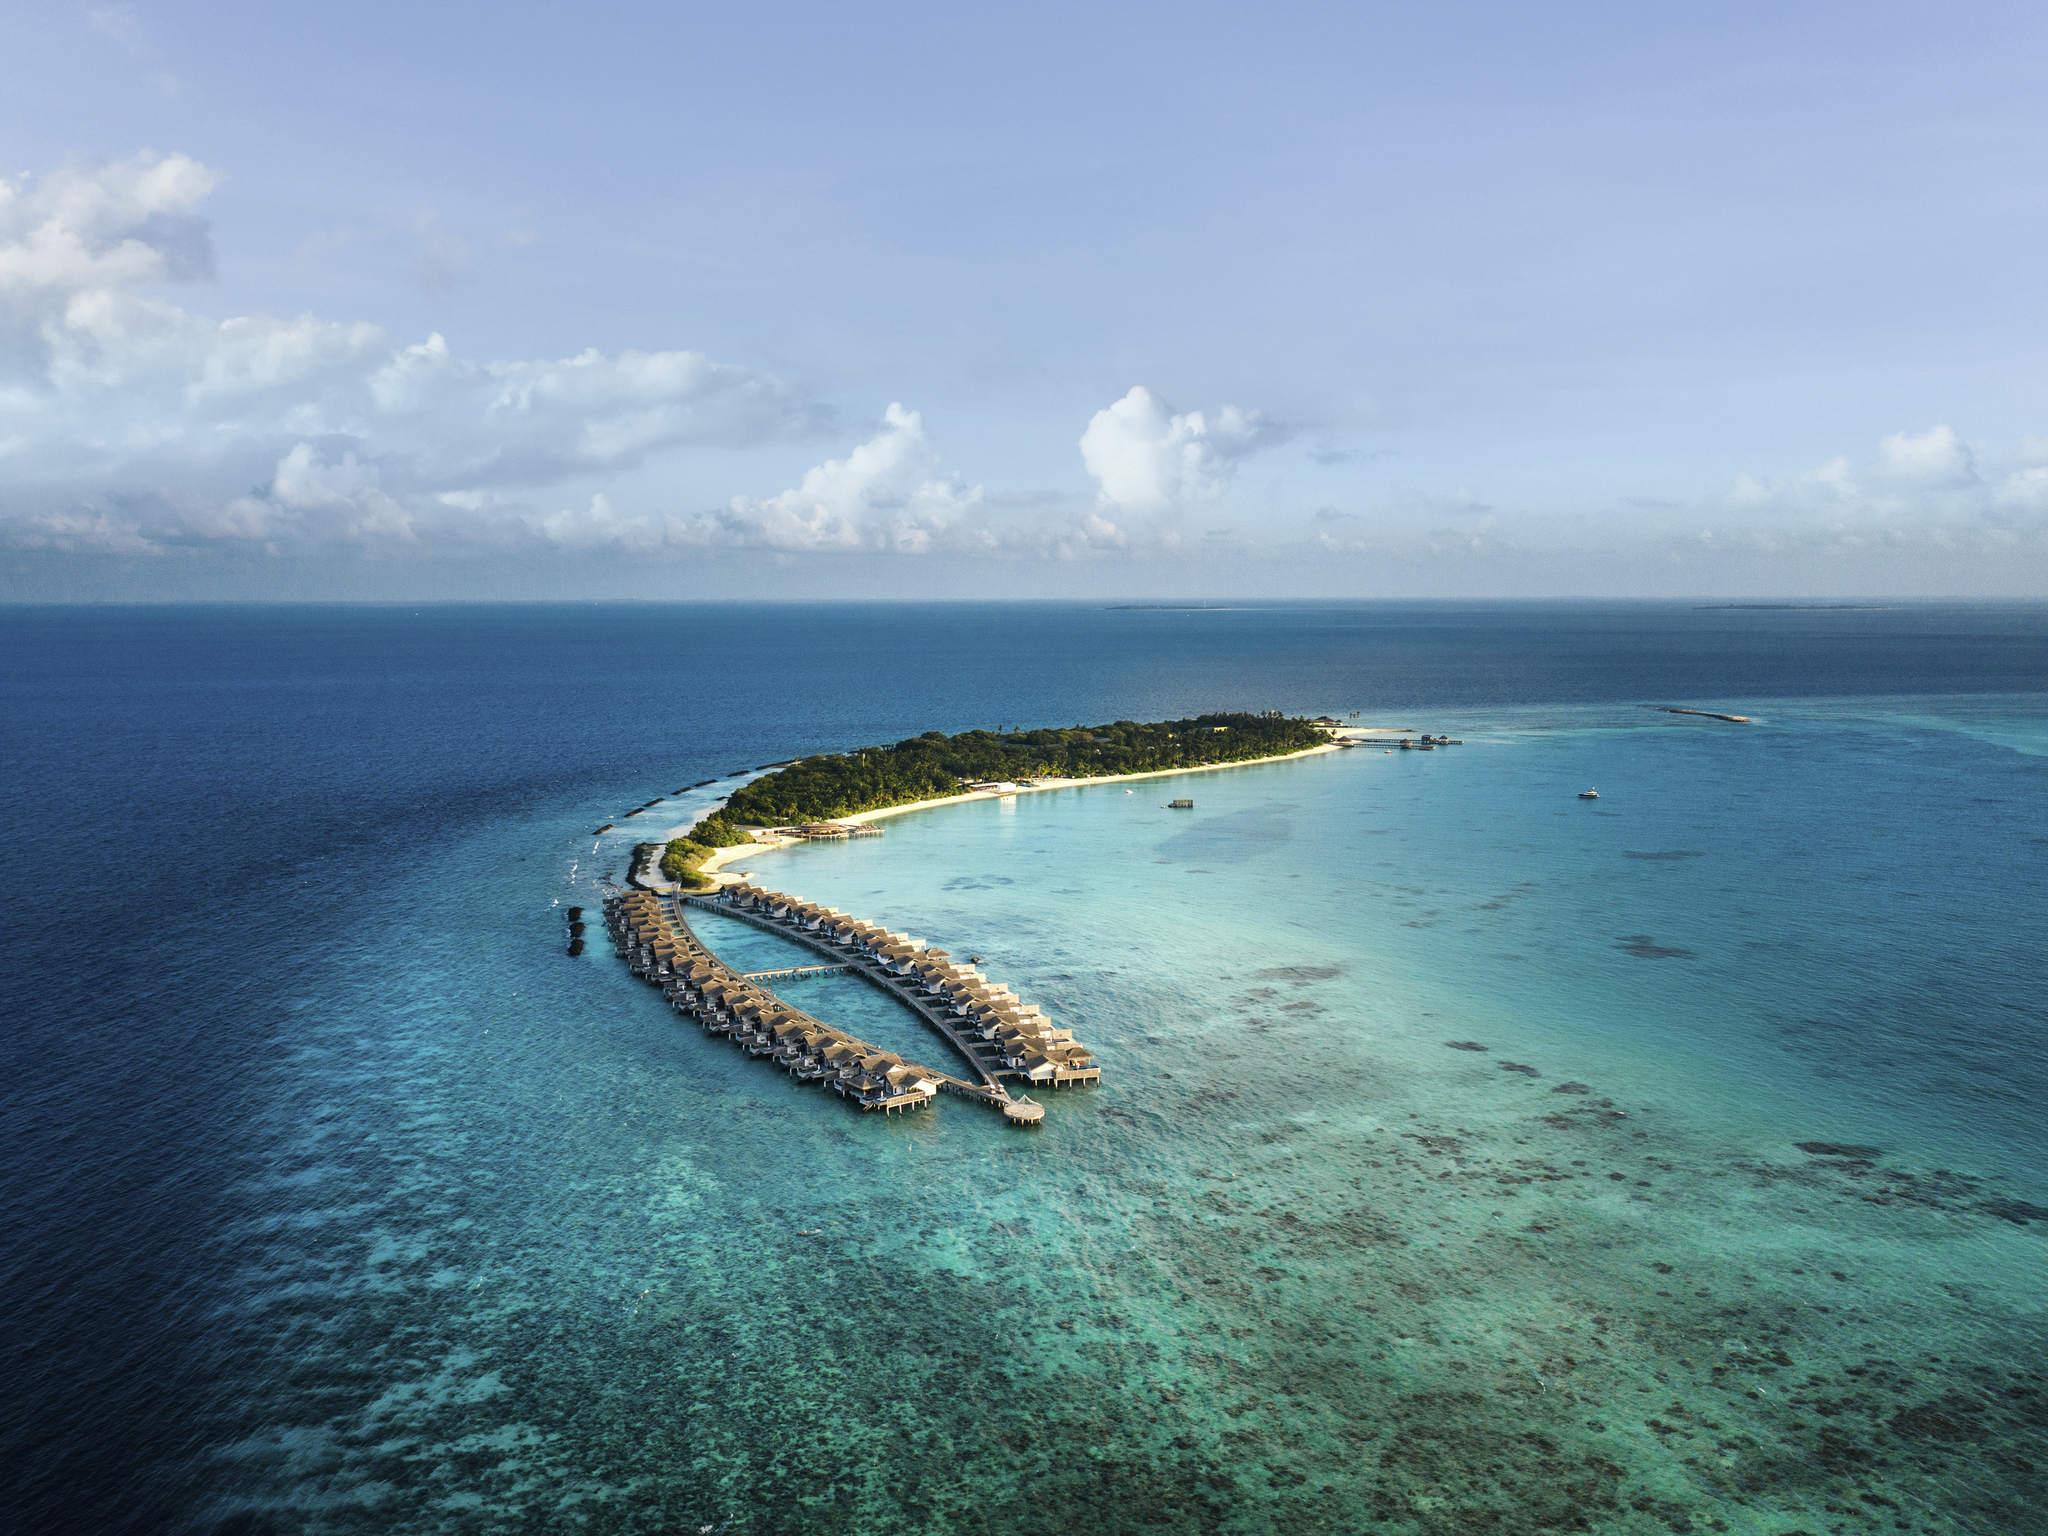 Отель — Fairmont Мальдивы - Sirru Fen Fushi